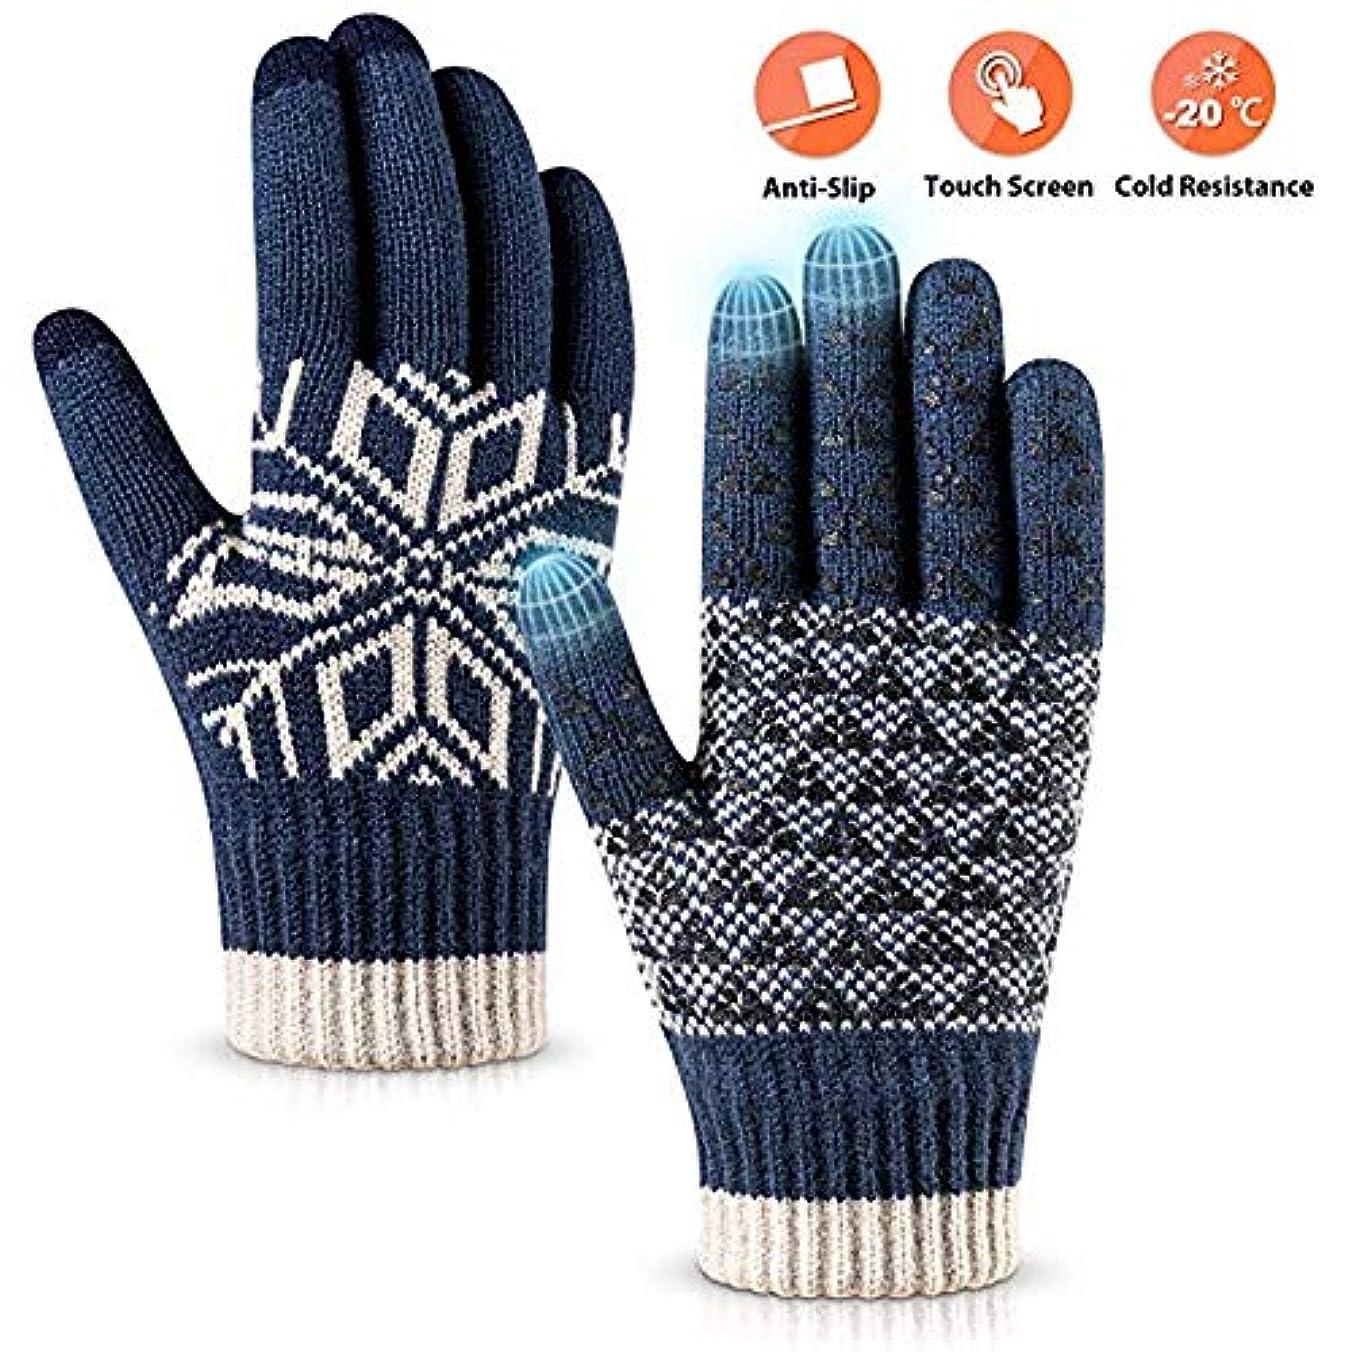 カエルエンドテーブル発疹冬の手袋暖かいタッチスクリーンニット手袋、サーマルソフトウールライニング弾性カフ、滑り止めラバーデザイン - メンズ女性のための肥厚暖かい手袋,ブルー